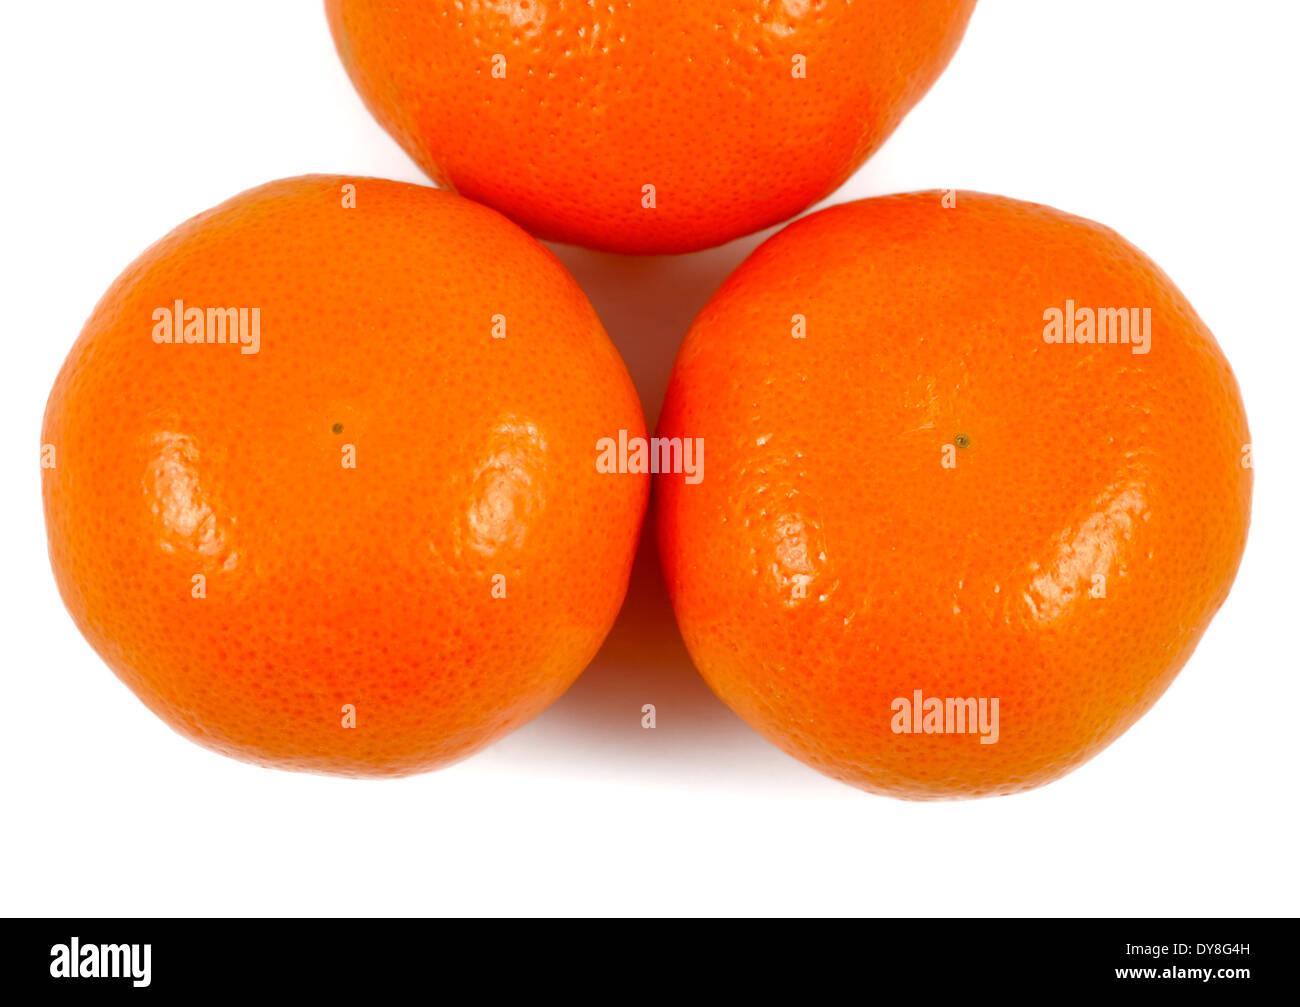 Satsuma oranges white background studio image Stock Photo